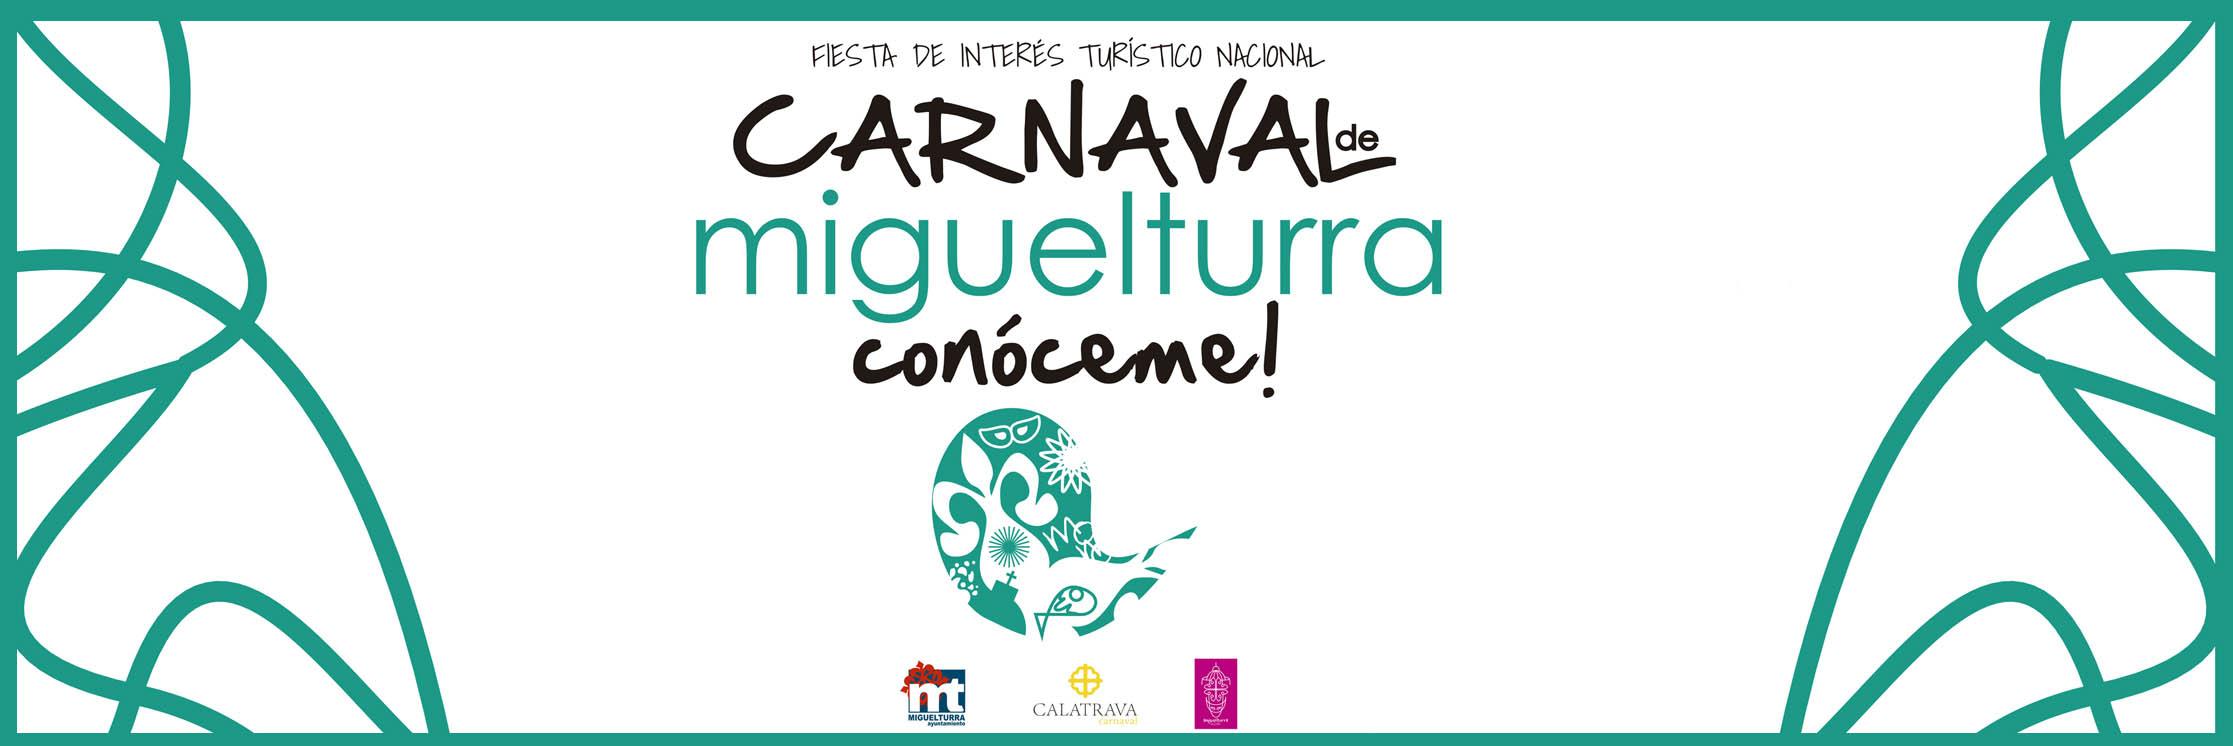 carnaval-miguelturra-conoceme